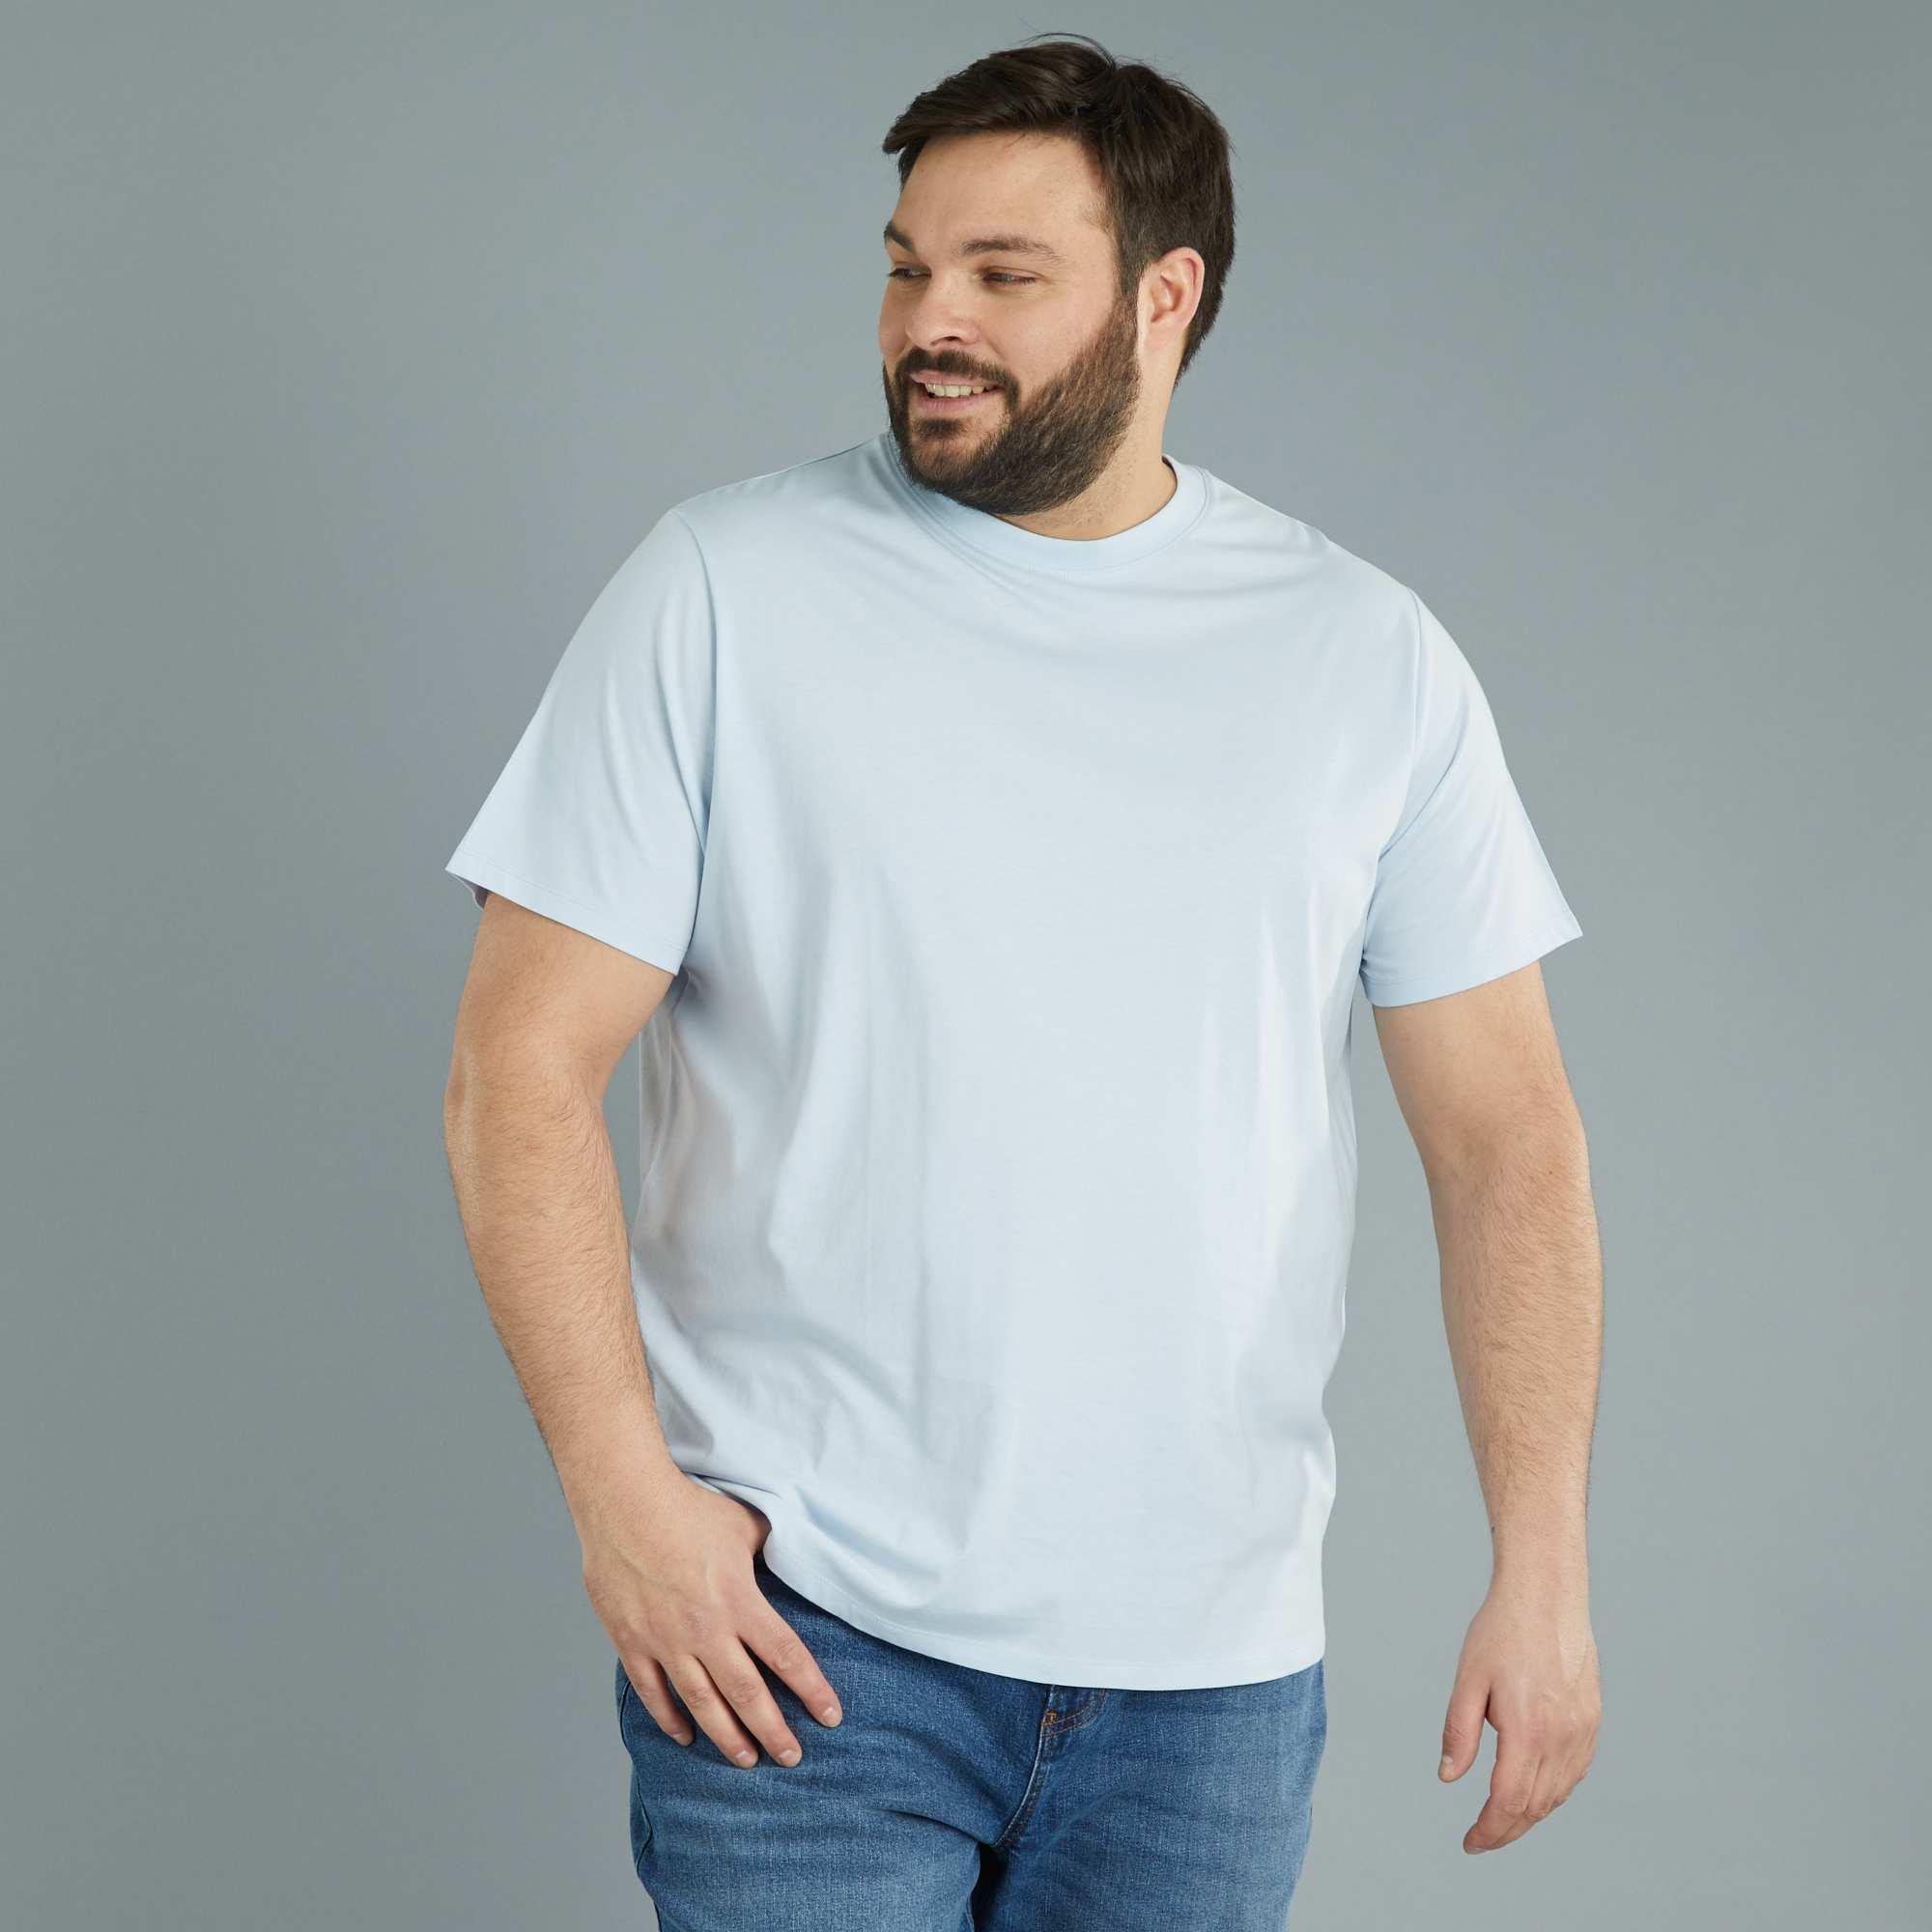 Couleur : bleu très clair, jaune gold, blanc,noir,gris chiné - Taille : 4XL, 3XL, 6XL,5XL,7XLL'indispensable du vestiaire masculin : le T-shirt col rond classique en coton,